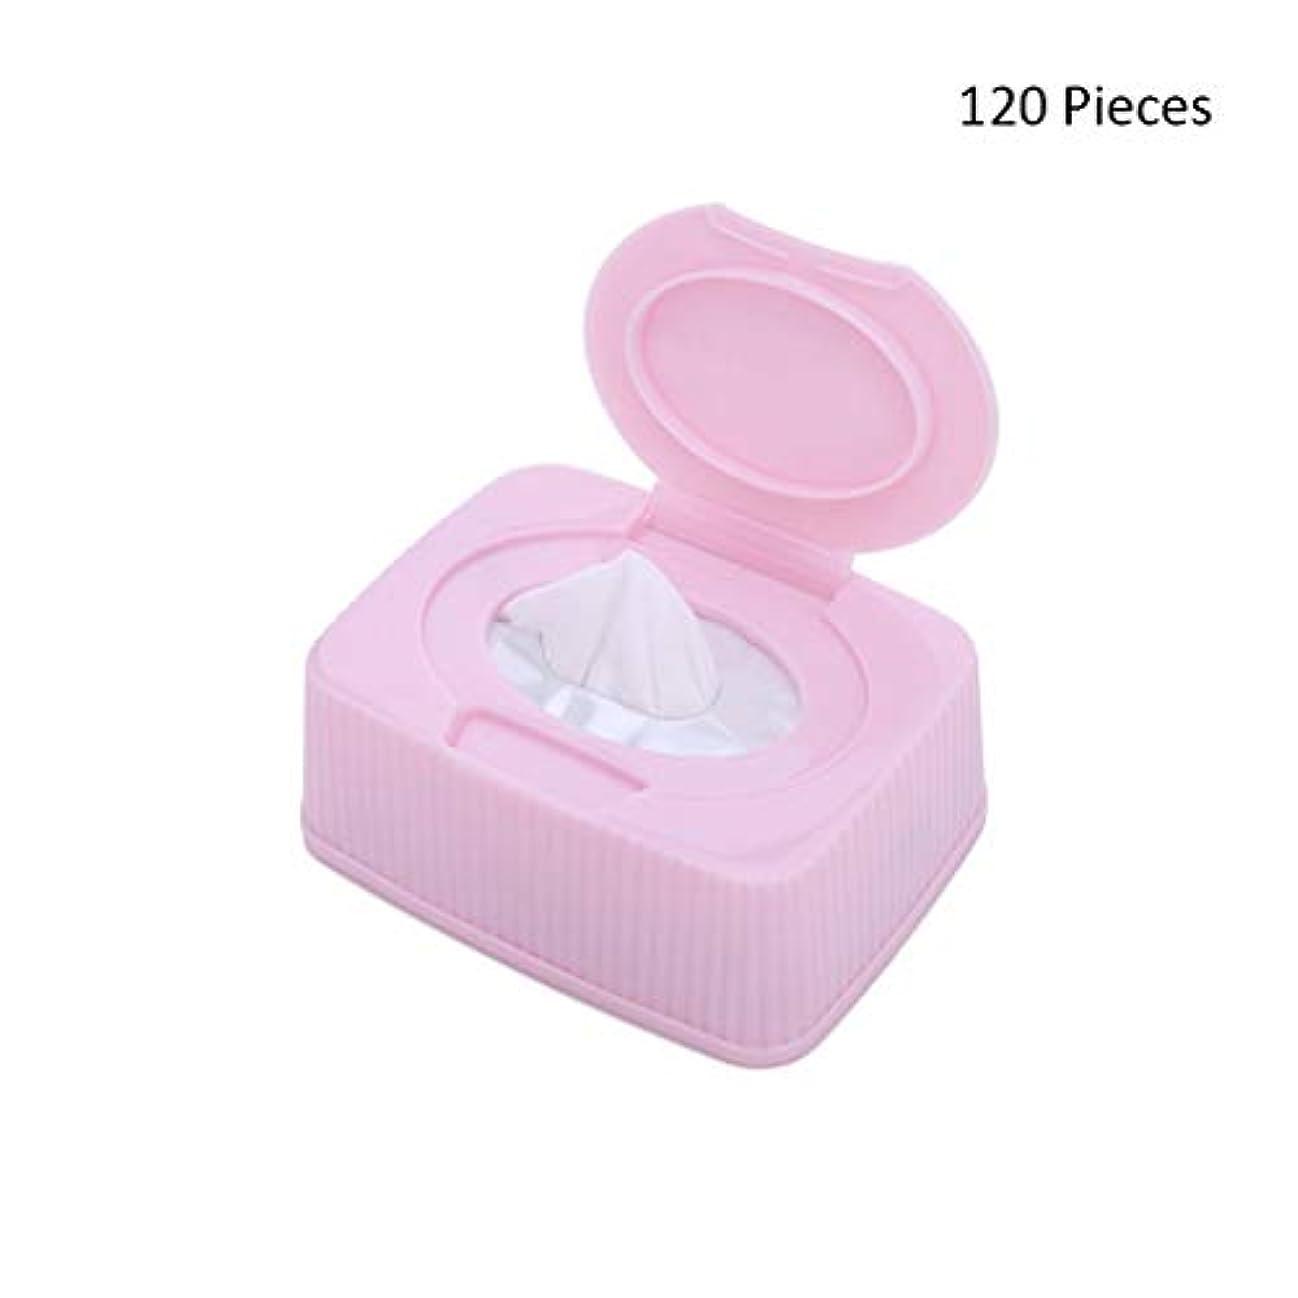 平手打ちカスタムオートマトン120ピース/ボックスフェイスメイク落としフェイシャル化粧品リムーバーパッドメイクアップコットンクリーナースキンケアワイプフェイスウォッシュコットンパッド (Color : Pink, サイズ : 120 pieces)